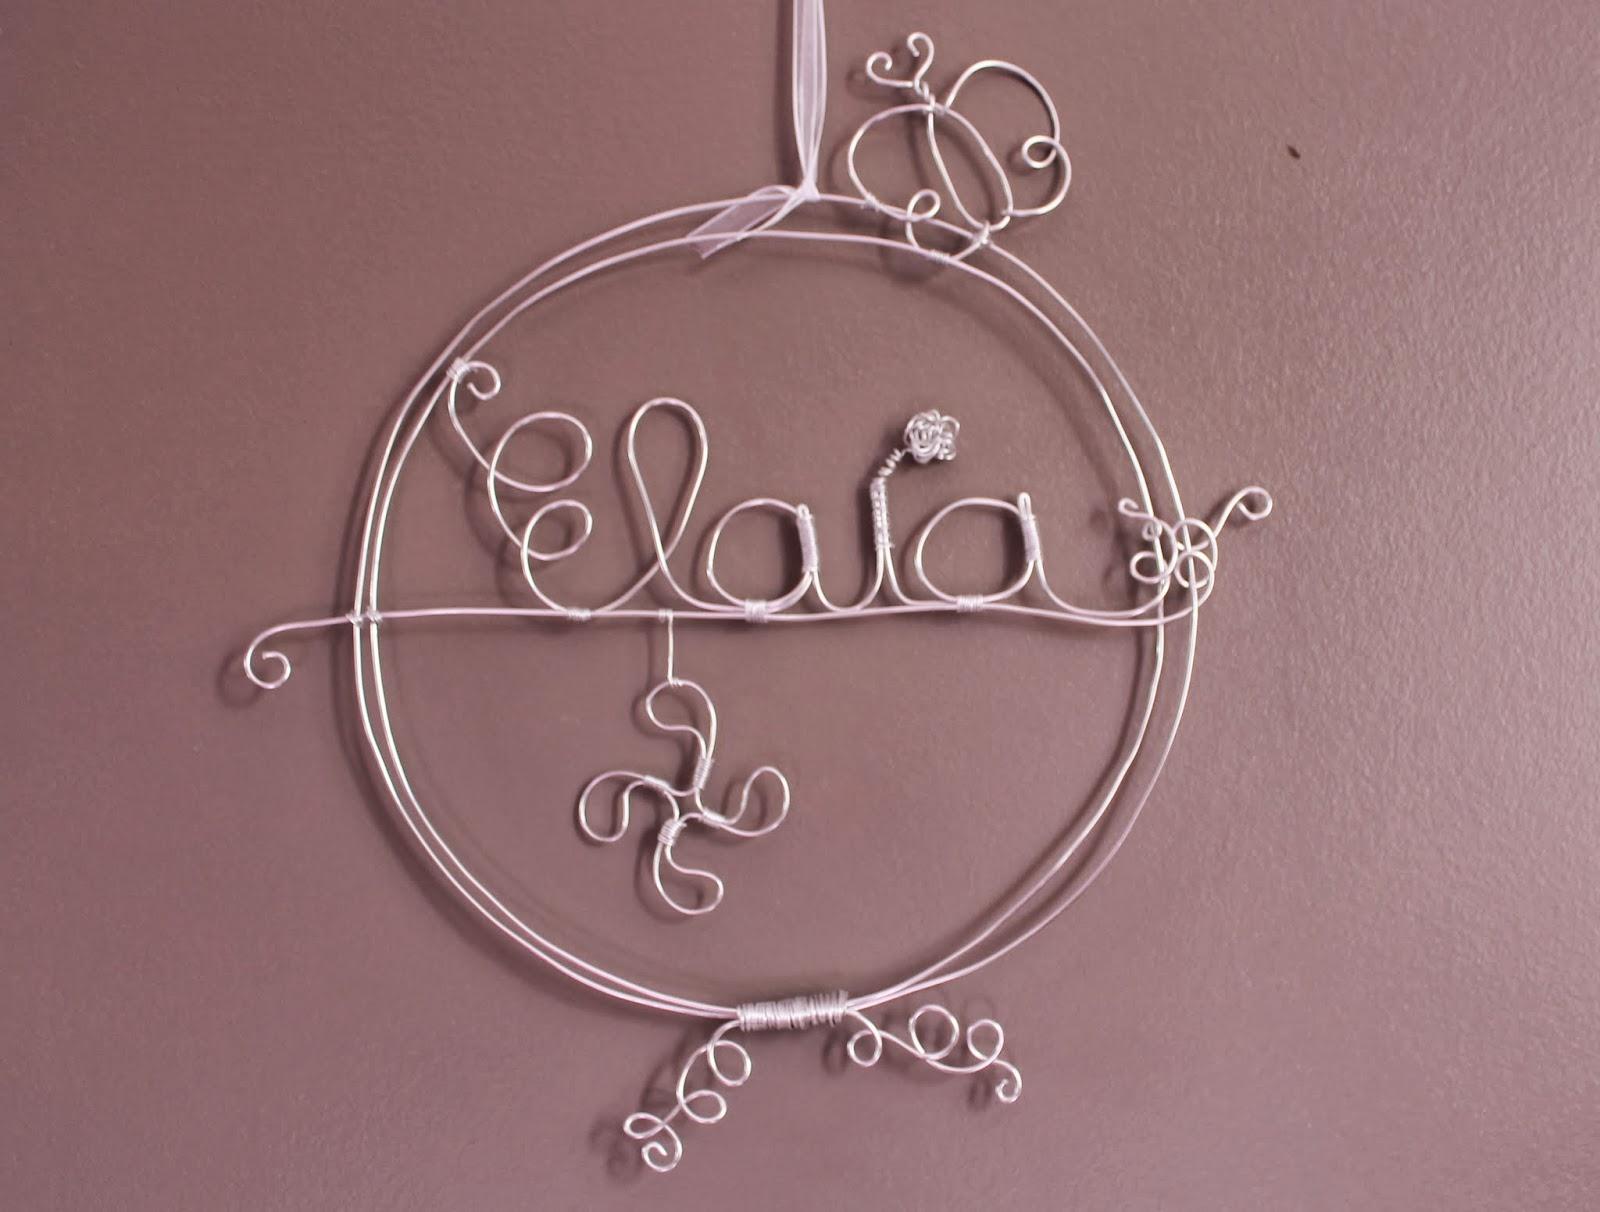 Cr alusam pr nom pour d coration de porte ou d coration for Decoration porte prenom